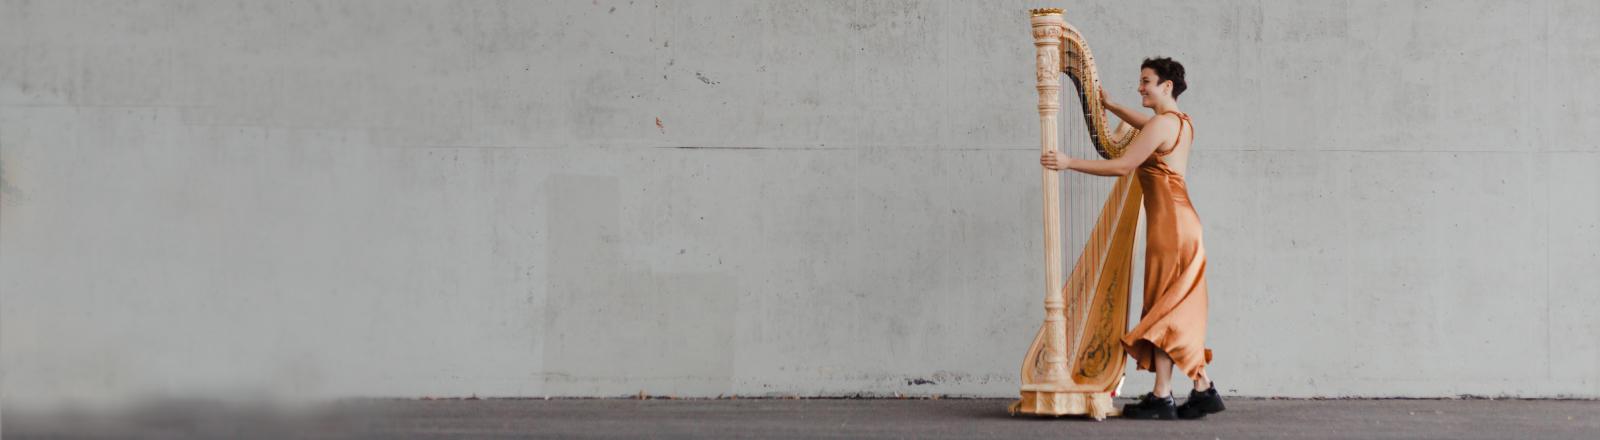 Die Harfespielerin Teresa steht mit ihrem Instrument an einer Wand